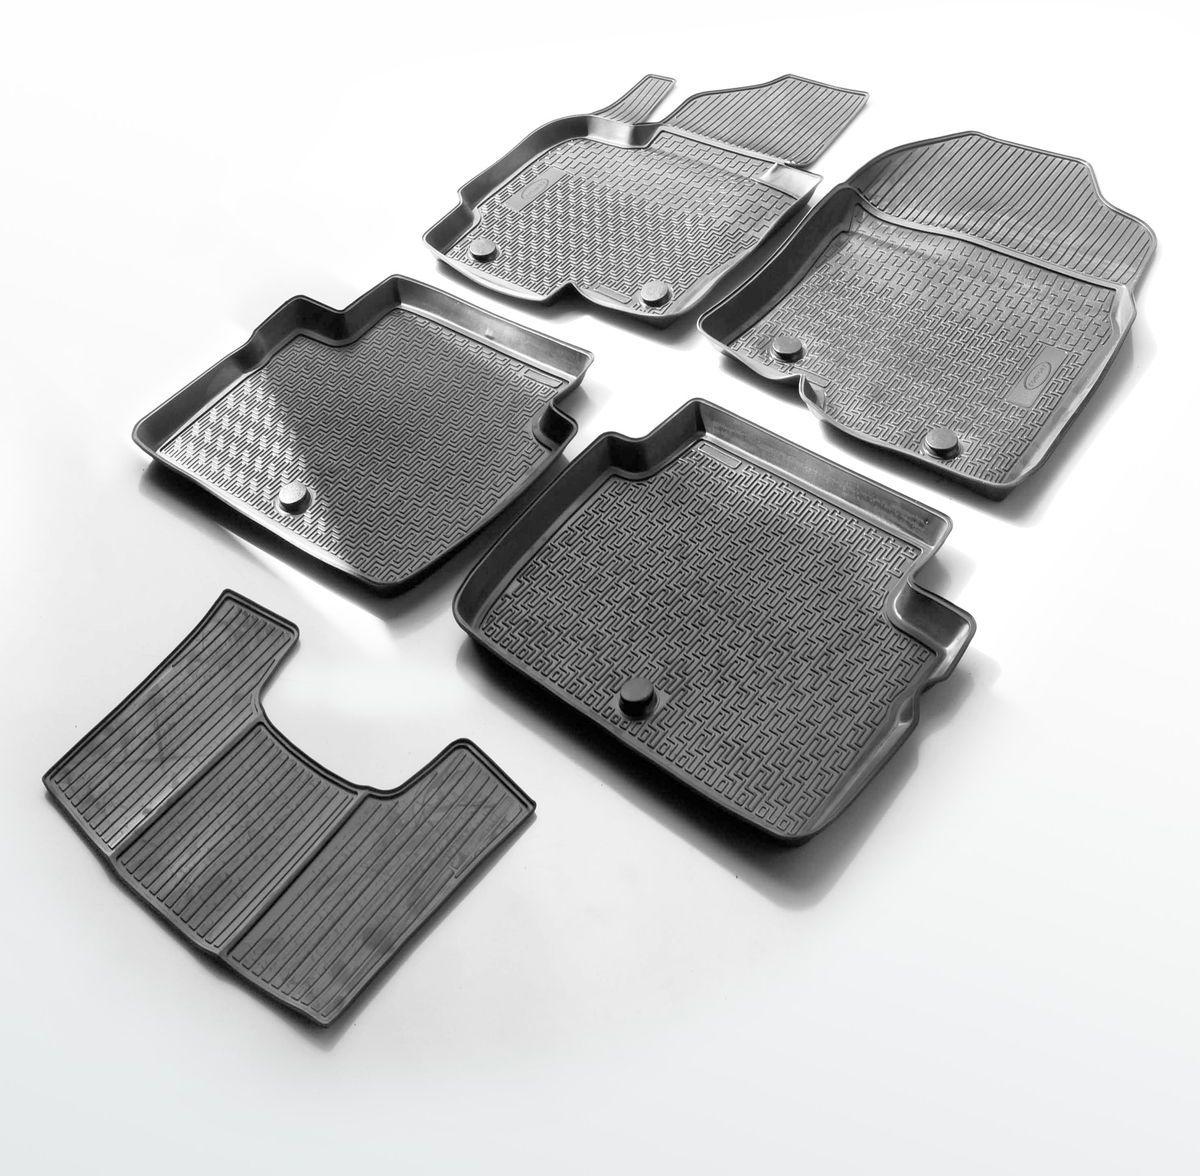 Коврики салона Rival для Hyundai Creta 2016-, c перемычкой, полиуретан98298130Прочные и долговечные коврики Rival в салон автомобиля, изготовлены из высококачественного и экологичного сырья, полностью повторяют геометрию салона вашего автомобиля.- Надежная система крепления, позволяющая закрепить коврик на штатные элементы фиксации, в результате чего отсутствует эффект скольжения по салону автомобиля.- Высокая стойкость поверхности к стиранию.- Специализированный рисунок и высокий борт, препятствующие распространению грязи и жидкости по поверхности коврика.- Перемычка задних ковриков в комплекте предотвращает загрязнение тоннеля карданного вала.- Произведены из первичных материалов, в результате чего отсутствует неприятный запах в салоне автомобиля.- Высокая эластичность, можно беспрепятственно эксплуатировать при температуре от -45 ?C до +45 ?C.Уважаемые клиенты!Обращаем ваше внимание,что коврики имеет формусоответствующую модели данного автомобиля. Фото служит для визуального восприятия товара.